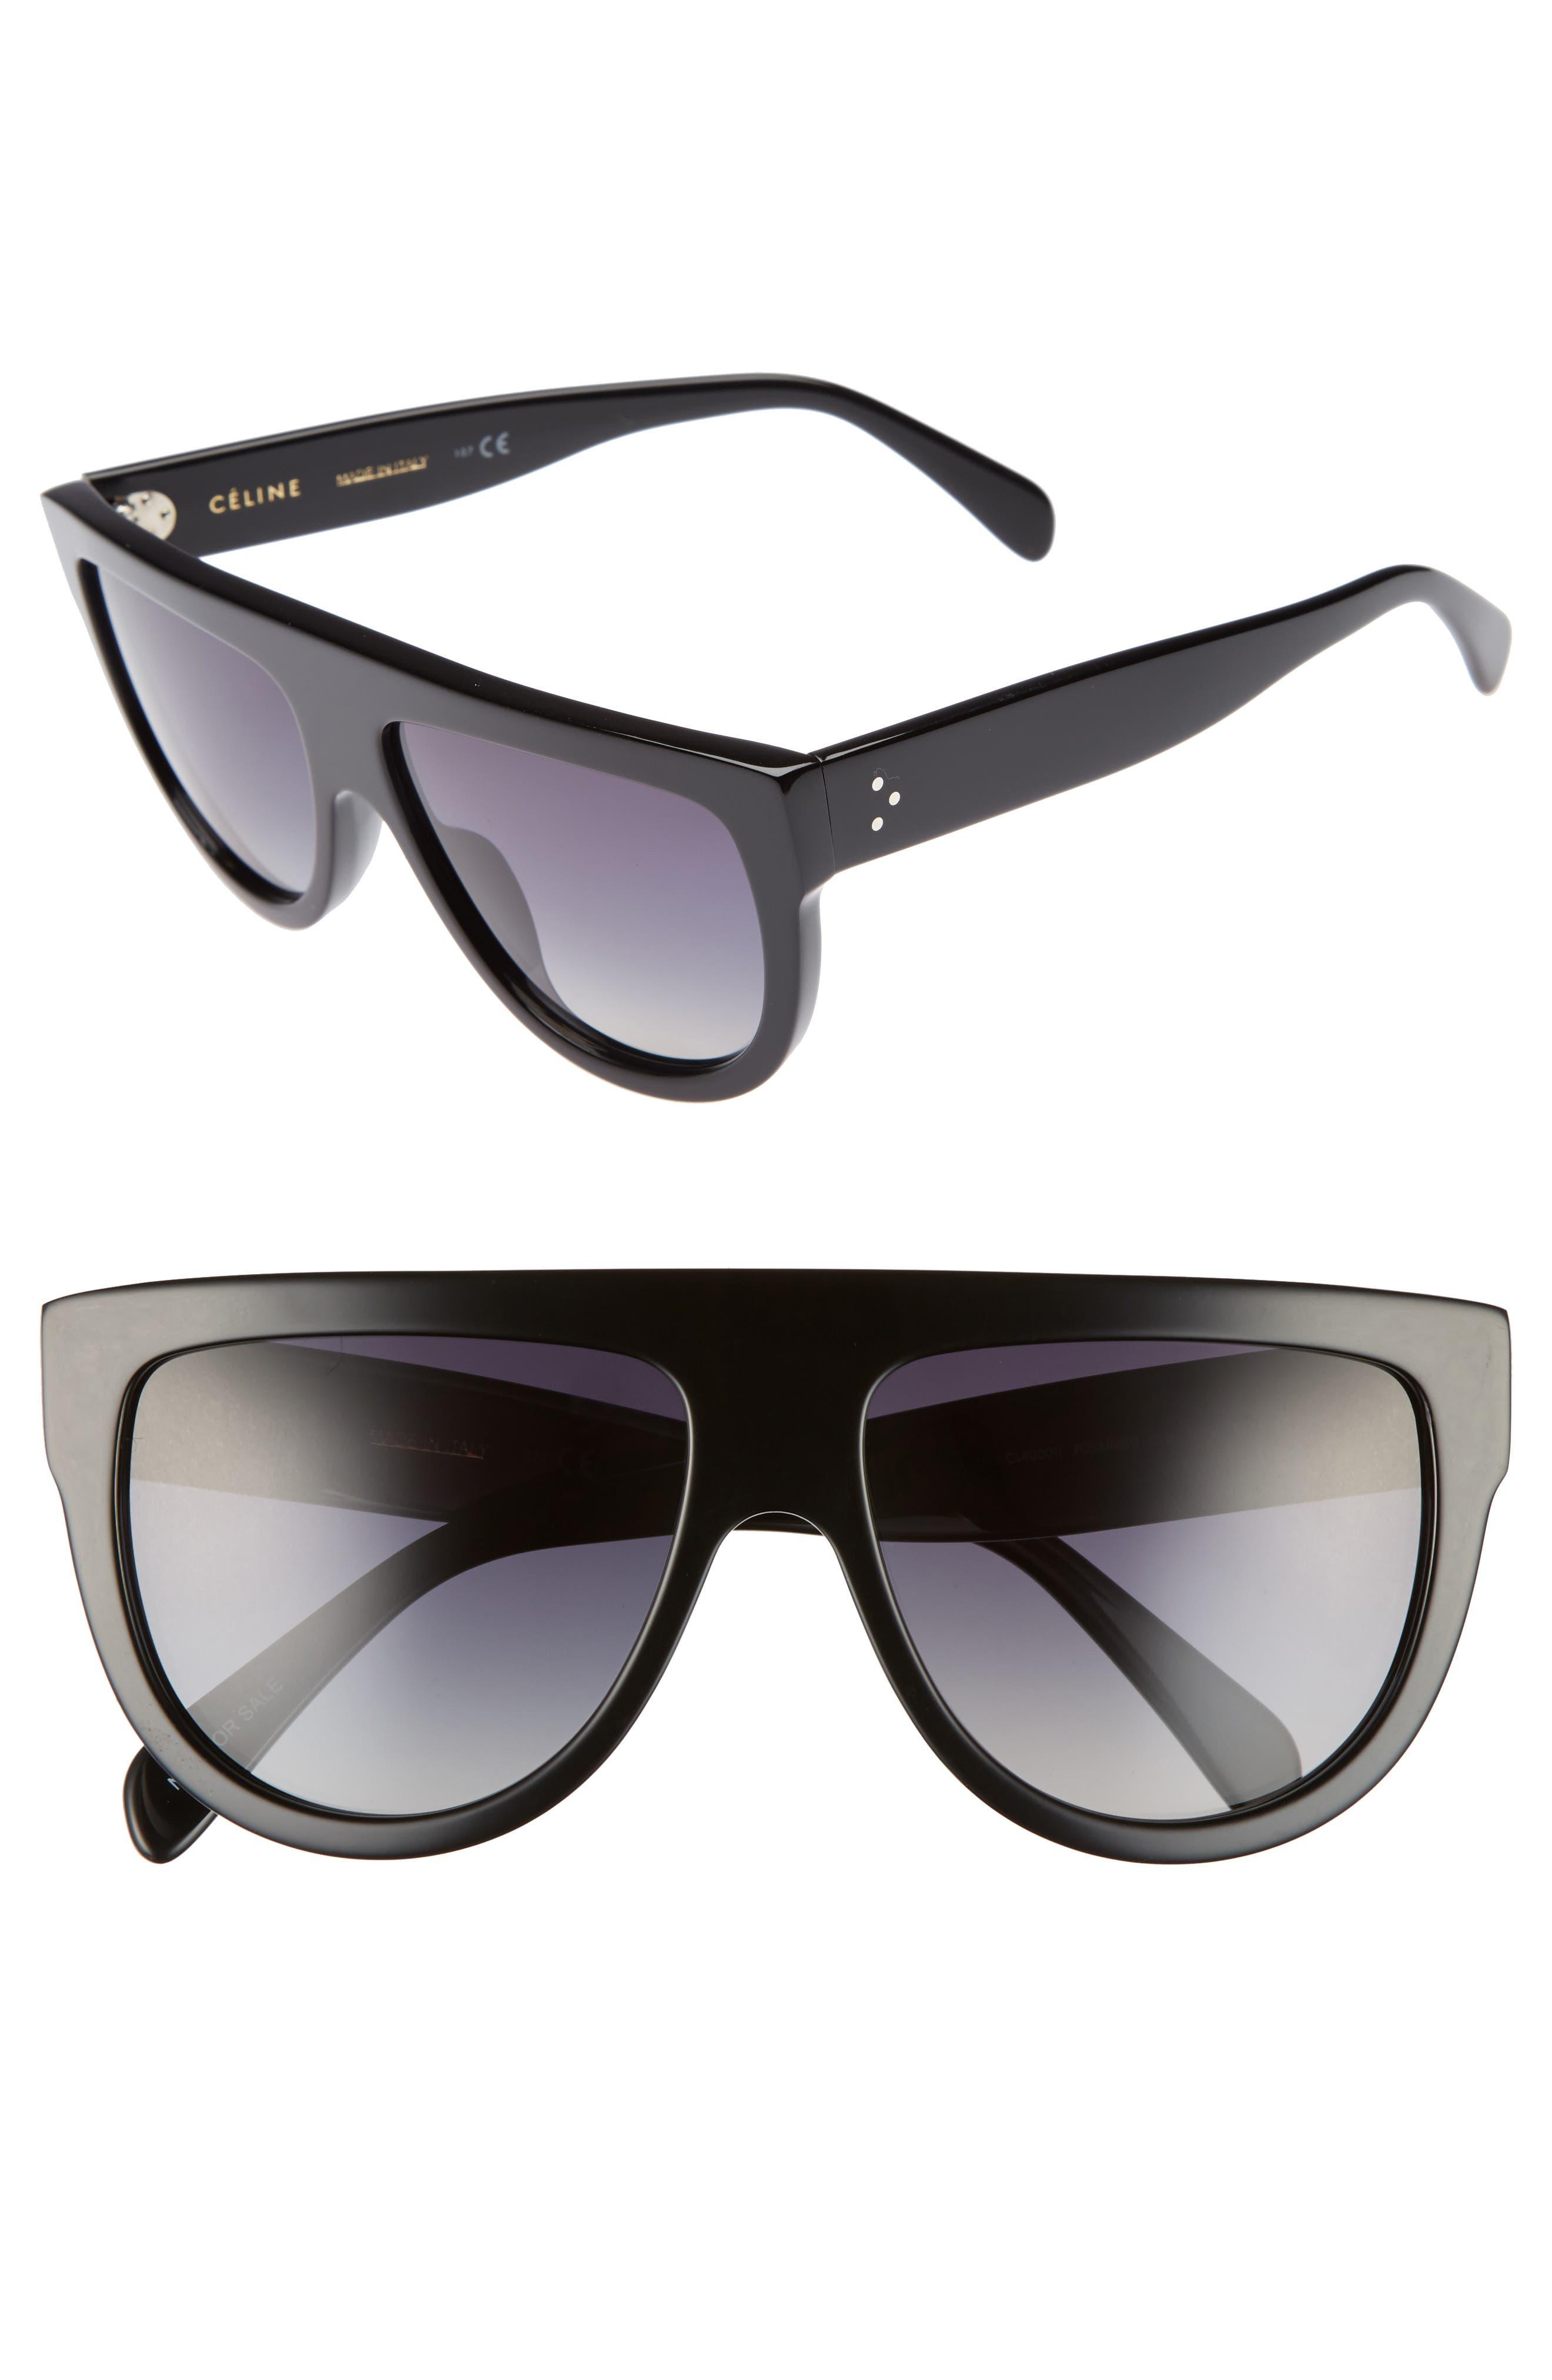 bbfc34c88d9 CELINE Sunglasses for Women